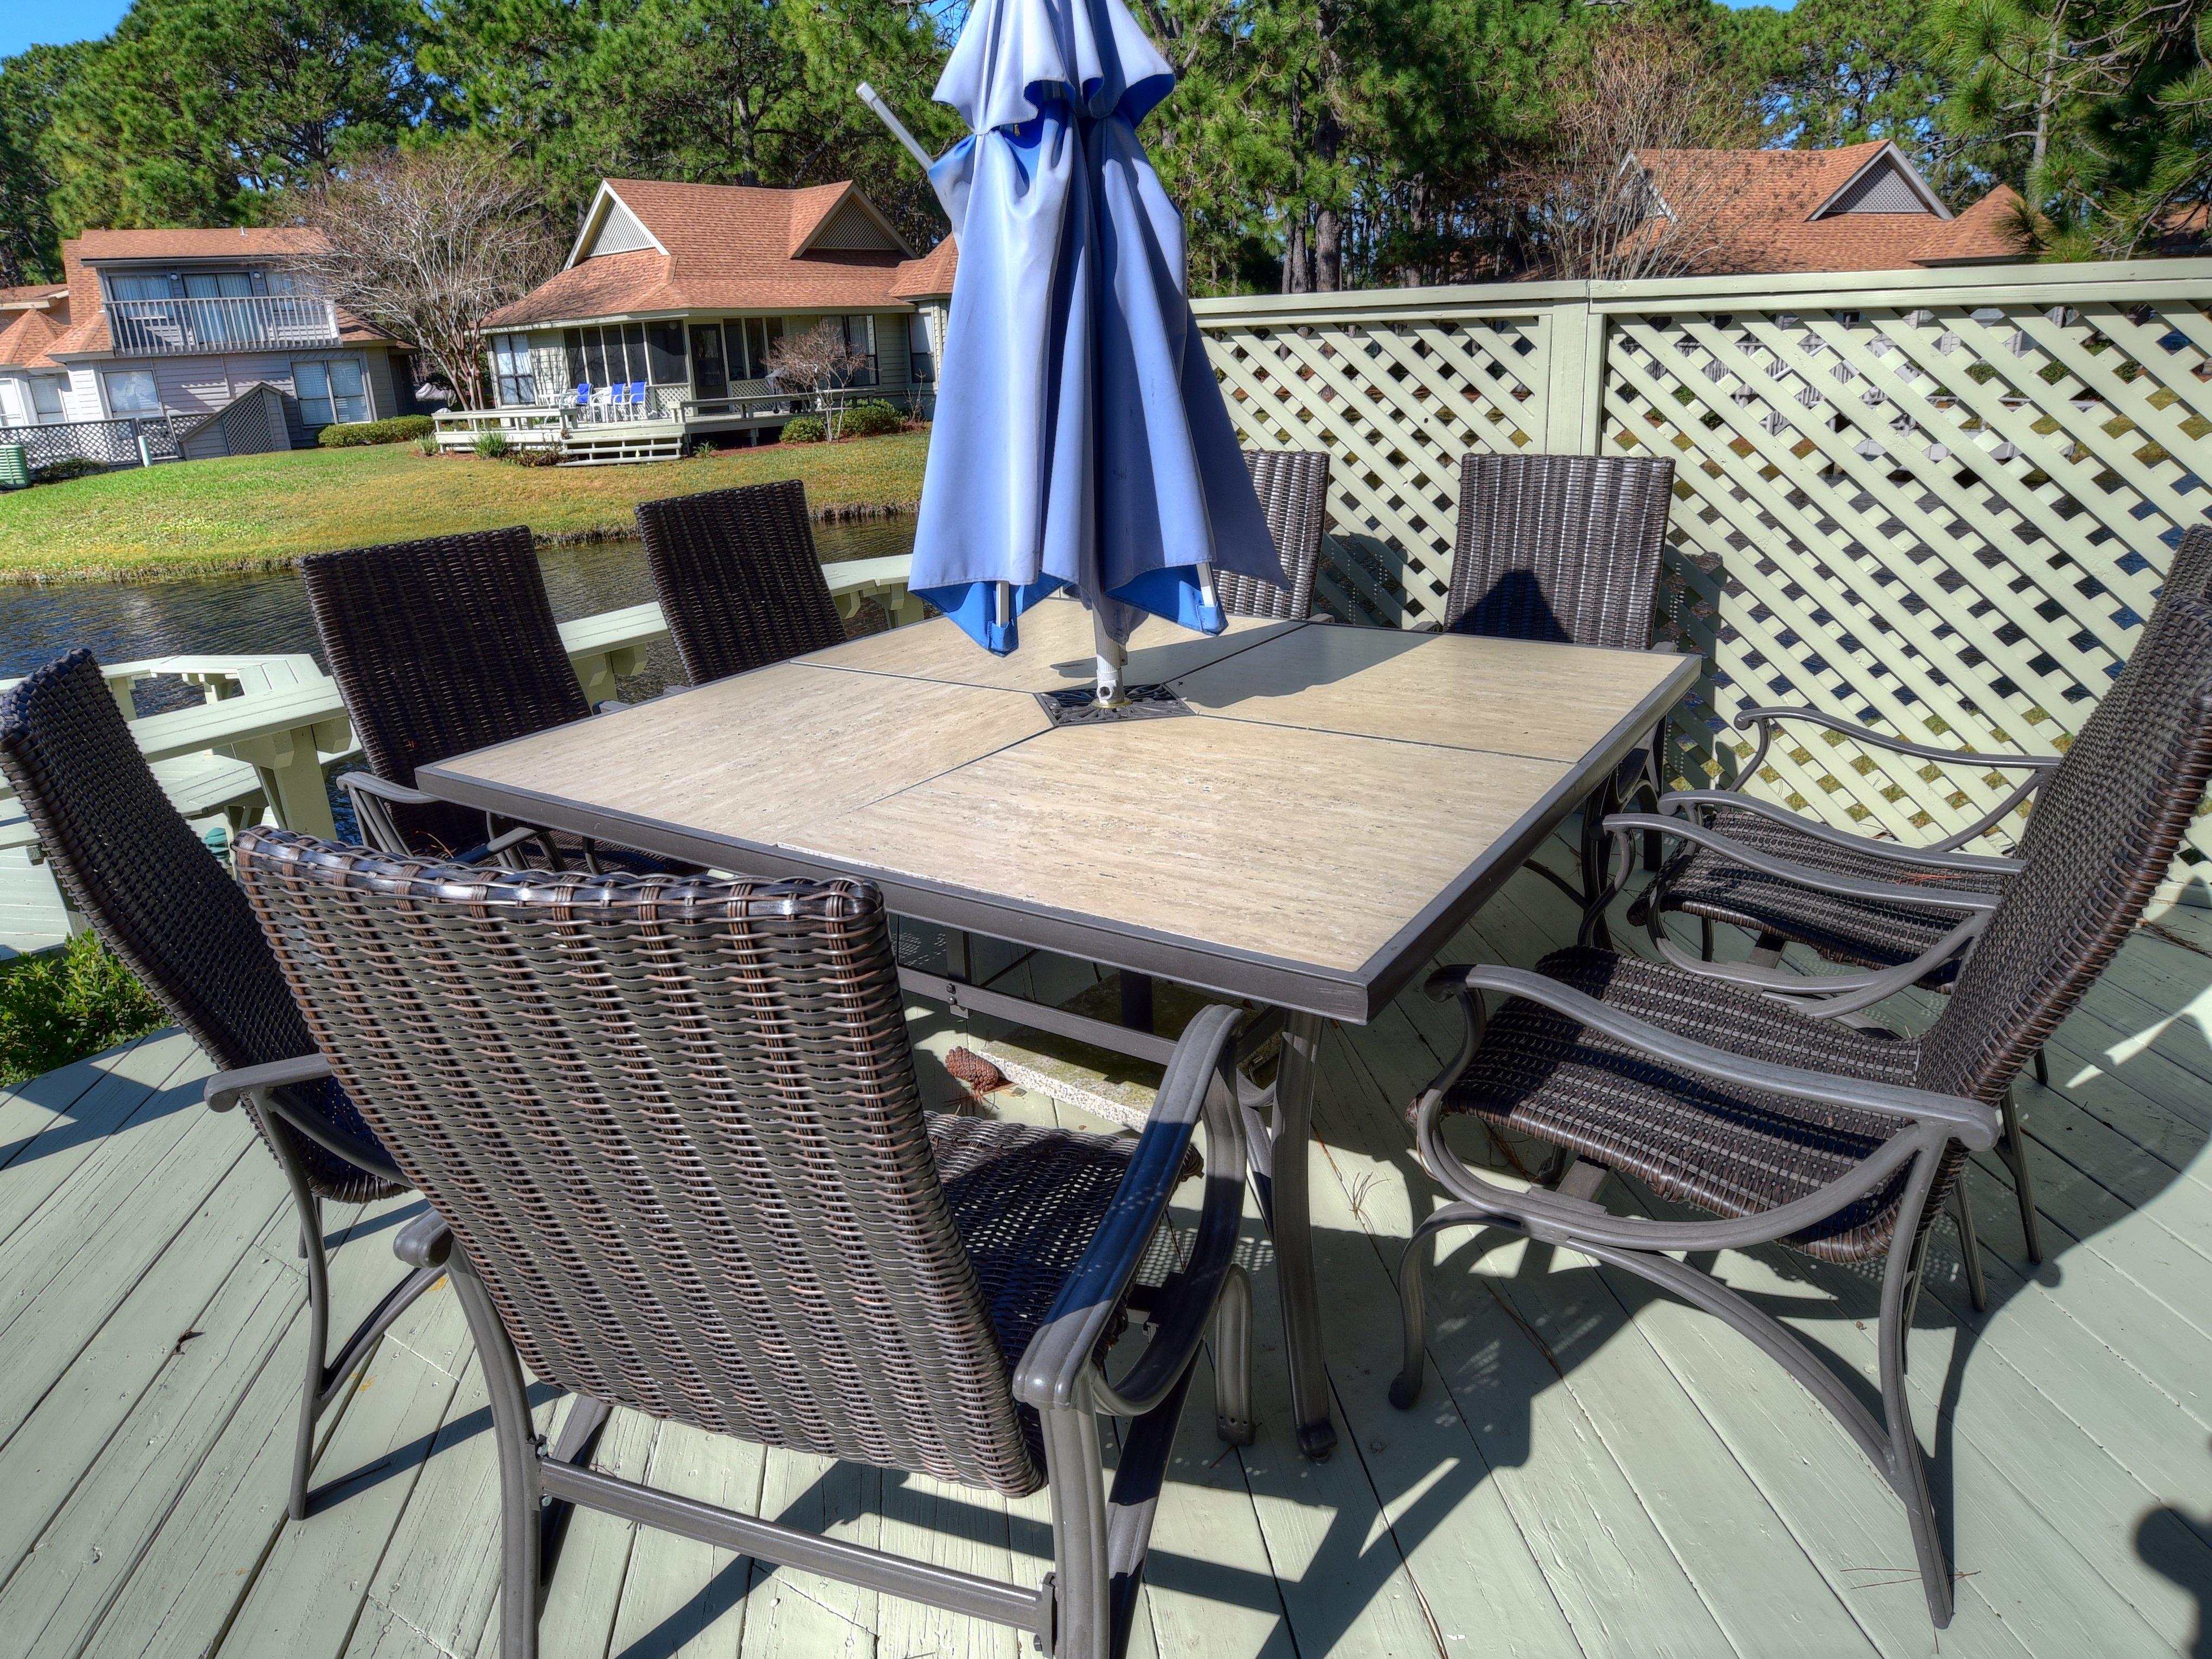 205 Fairways Condo rental in Sandestin Rentals ~ Cottages and Villas  in Destin Florida - #21